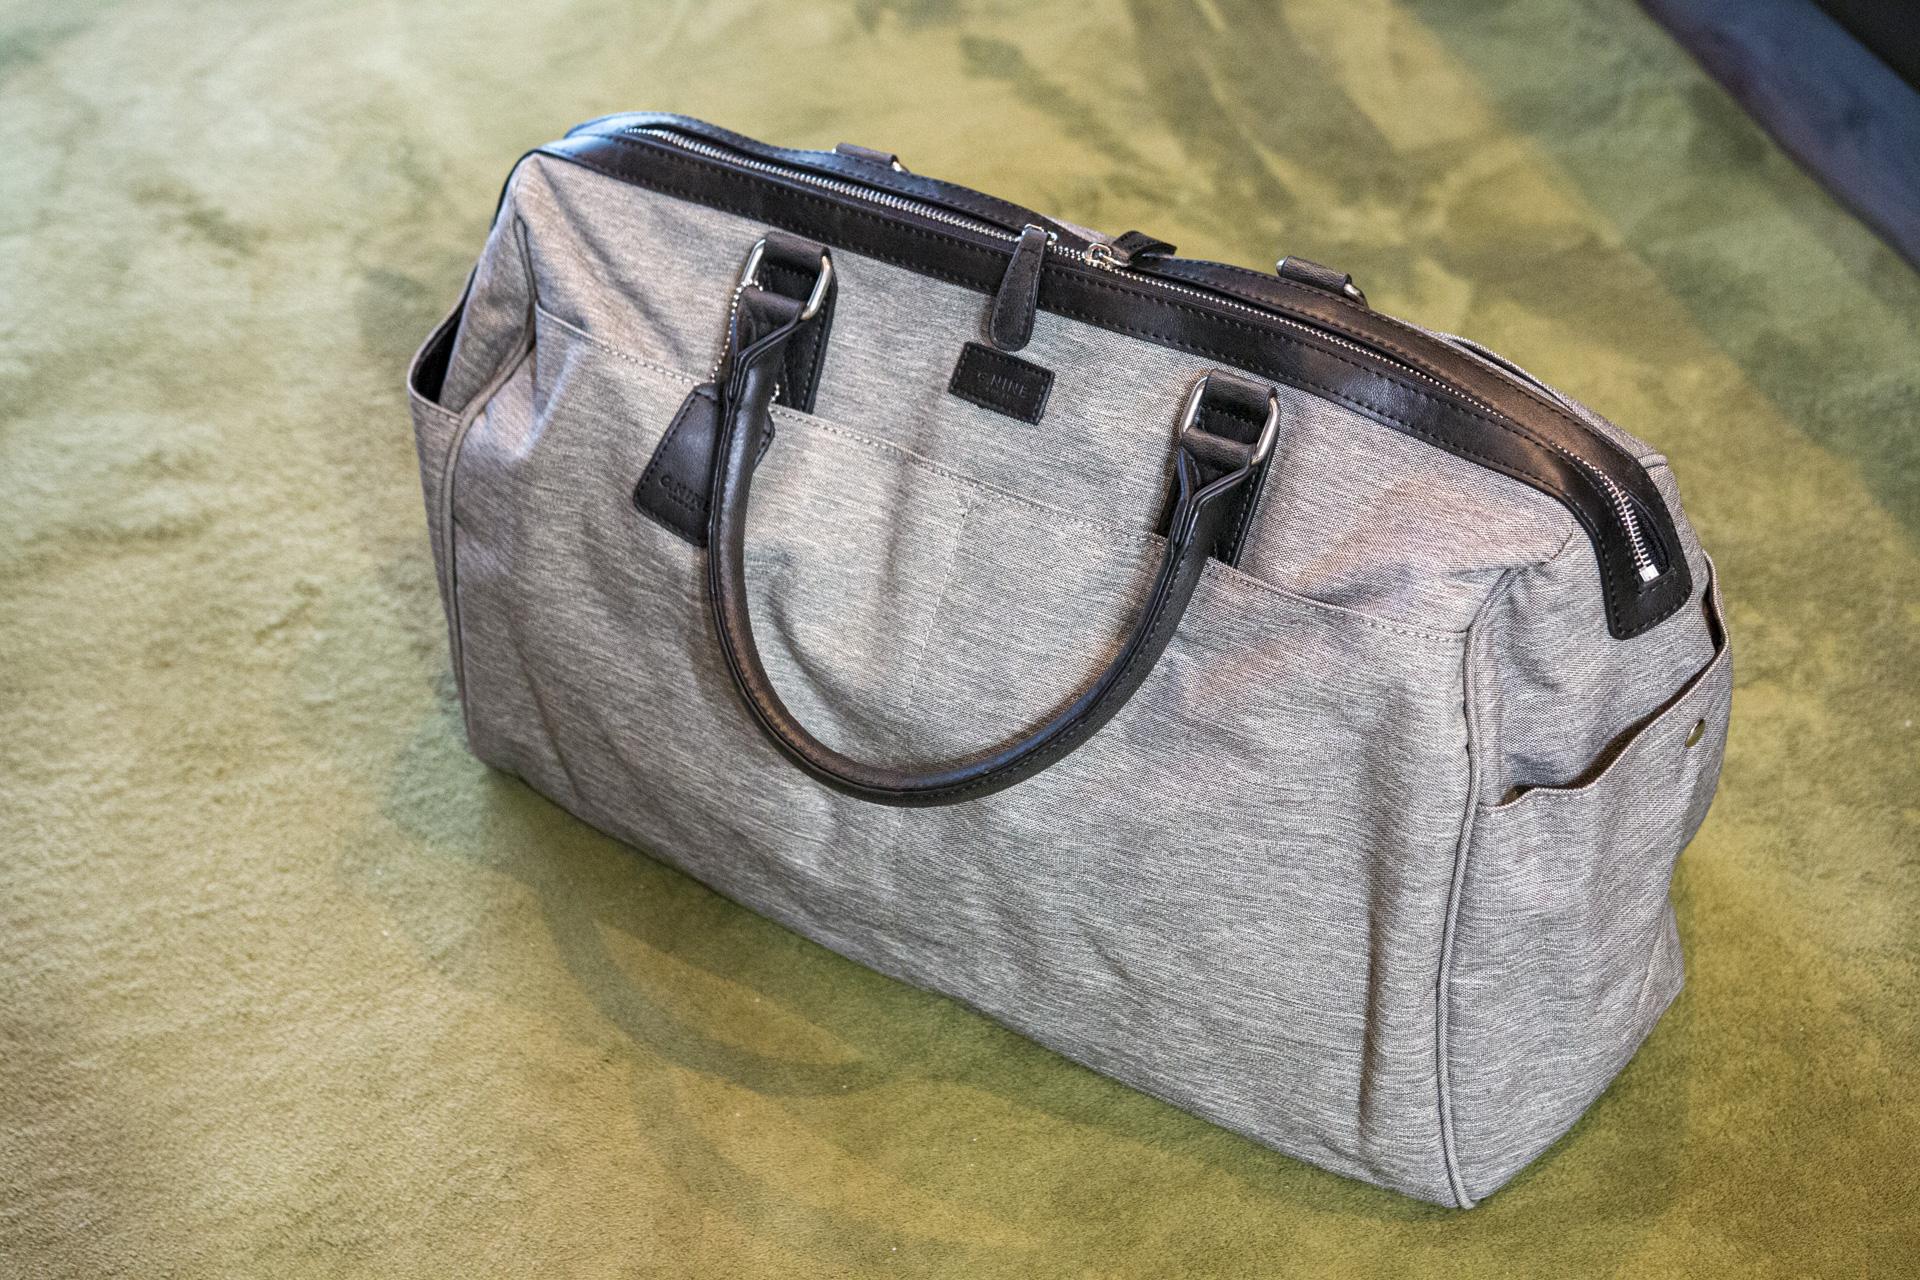 安くて質感が良い!出張用トラベルバッグ(ボストンバッグ) travelling_bag_img_0832